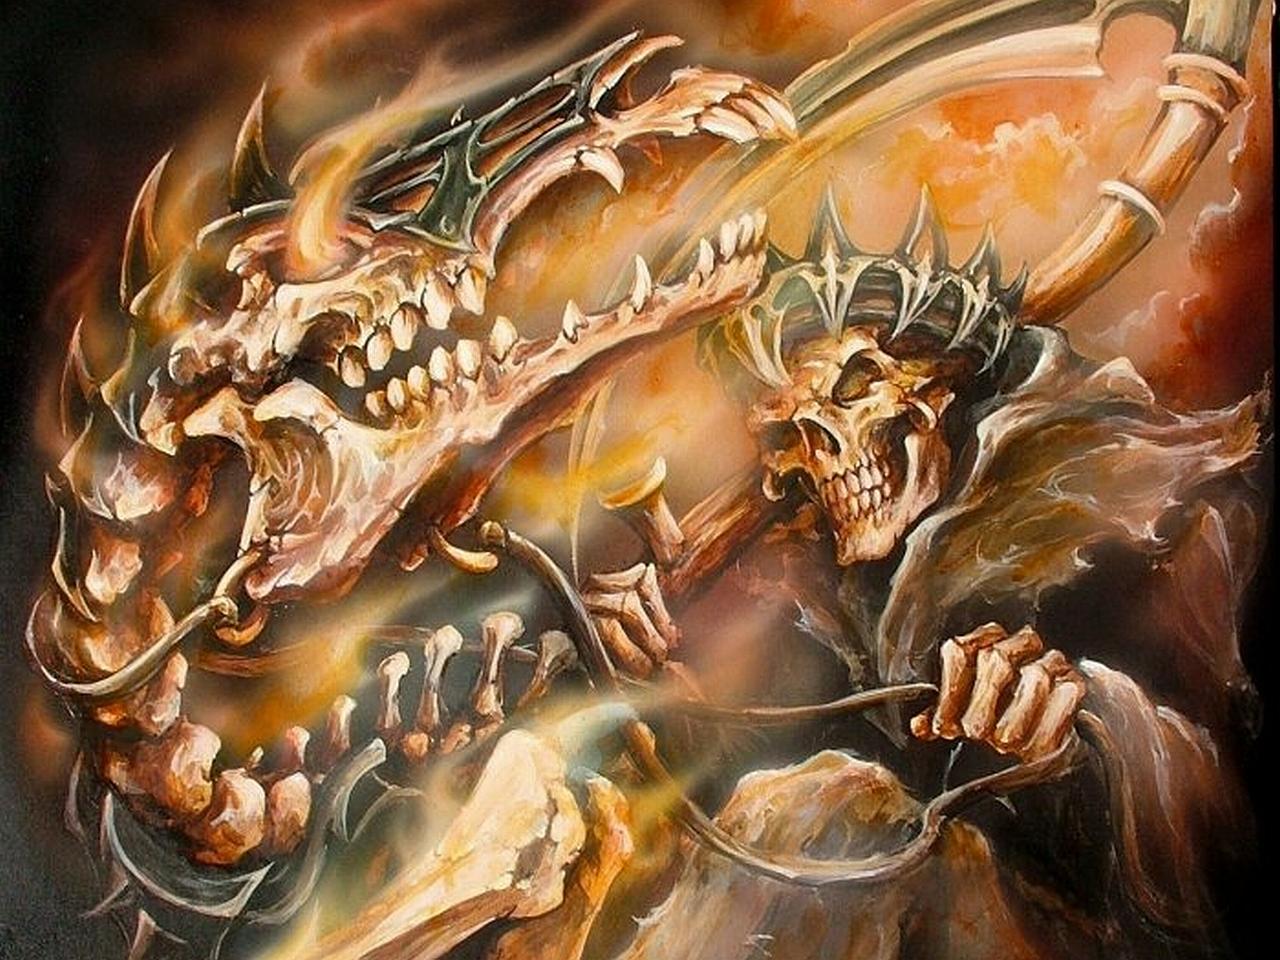 Grim Reaper Computer Wallpapers Desktop Backgrounds 1280x960 ID 1280x960